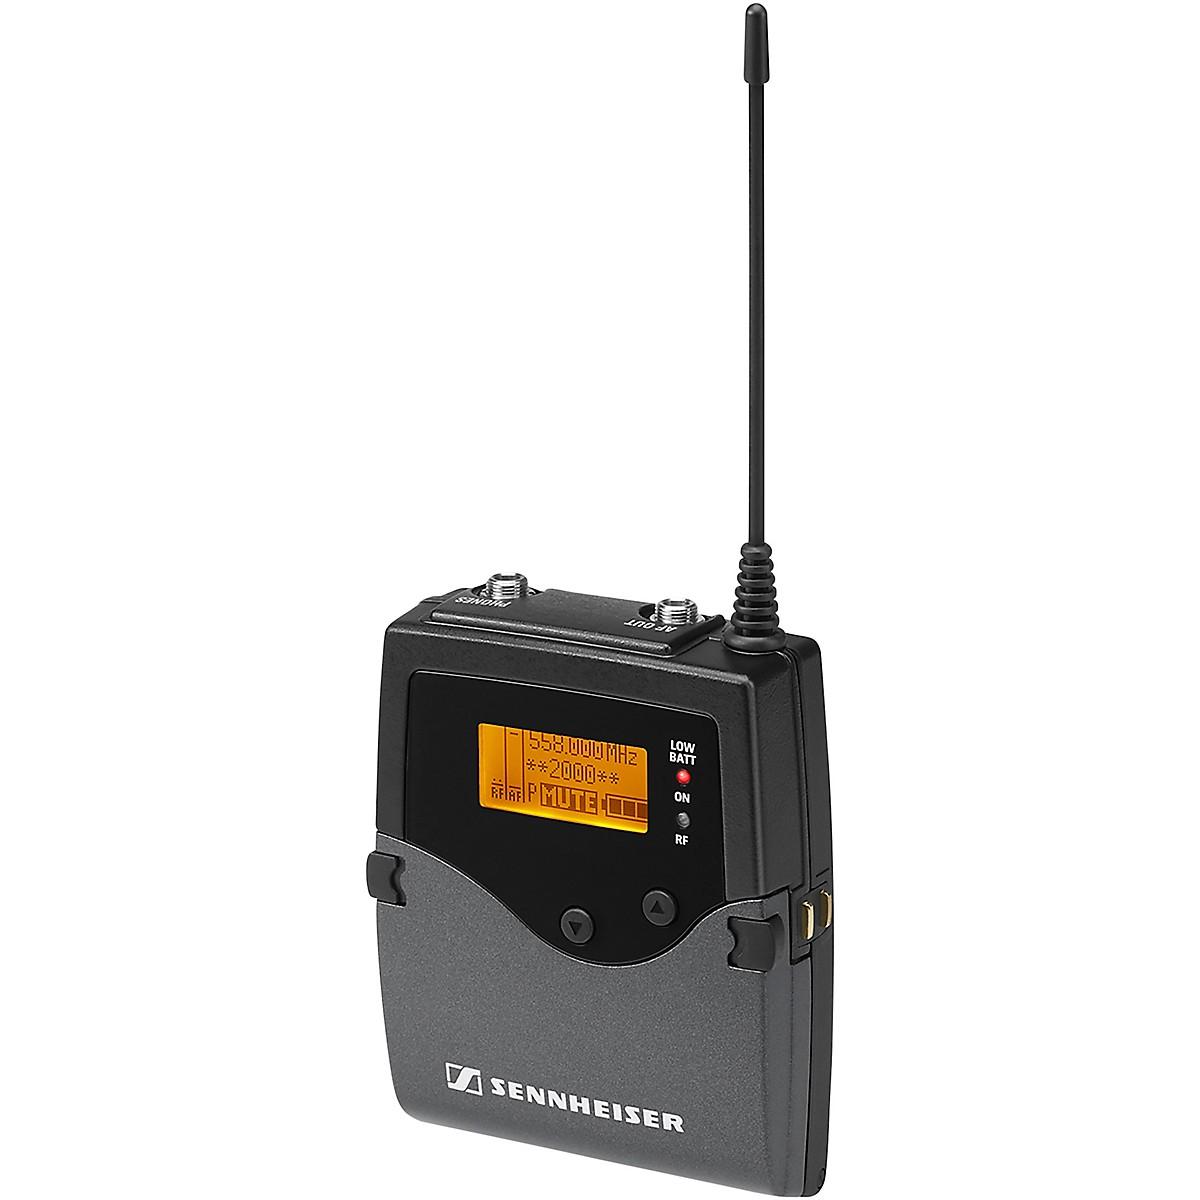 Sennheiser EK2000-Aw Bodypack Receiver 516-558 MHz